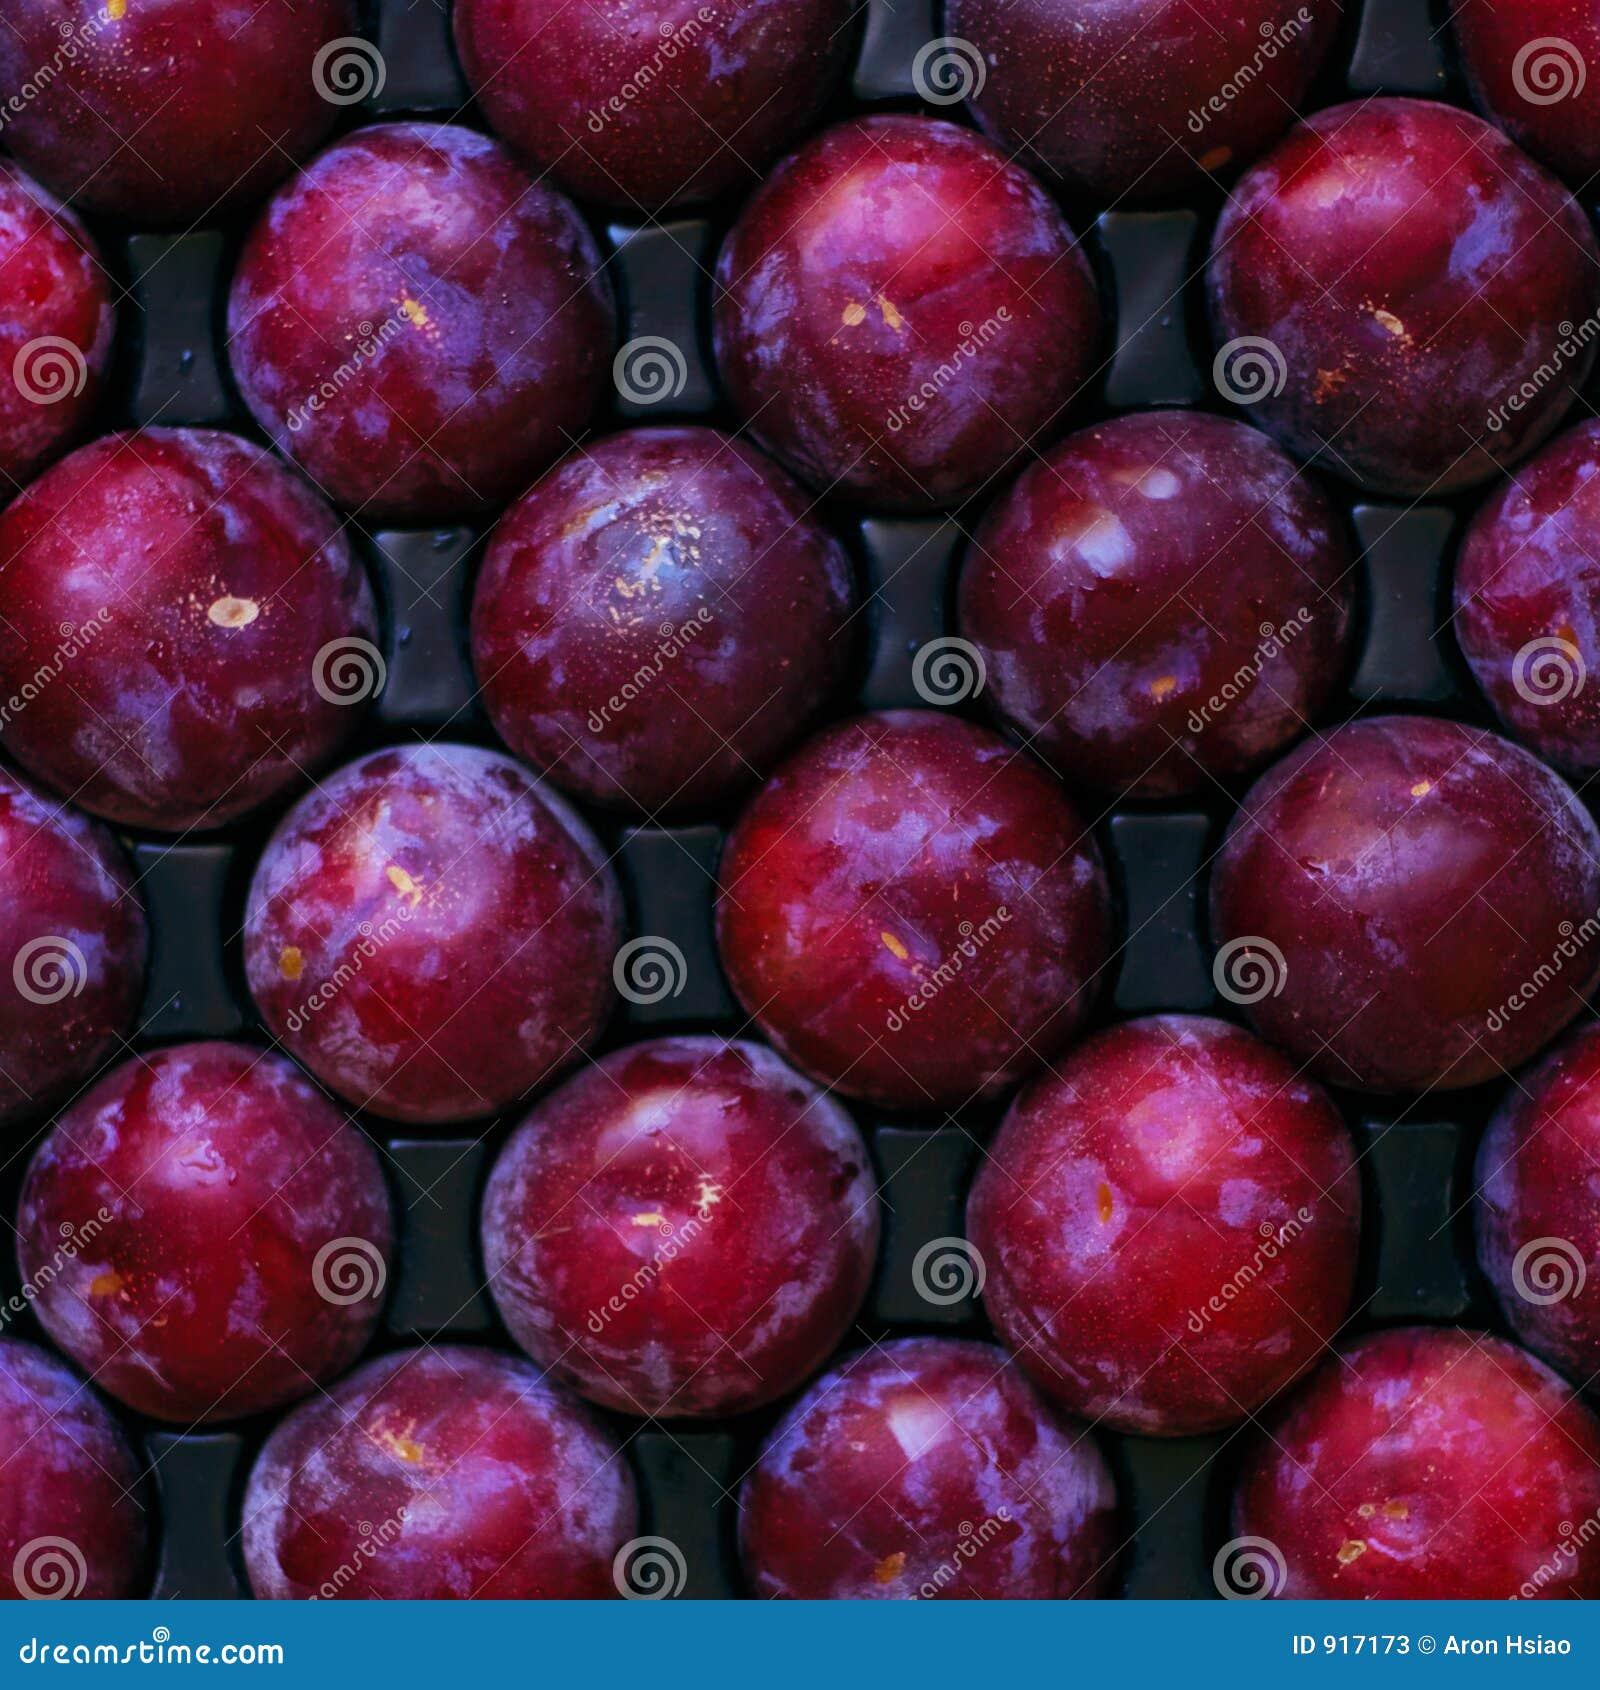 Fruit mûr et arbre-frais prêt pour l expédition ou consommation